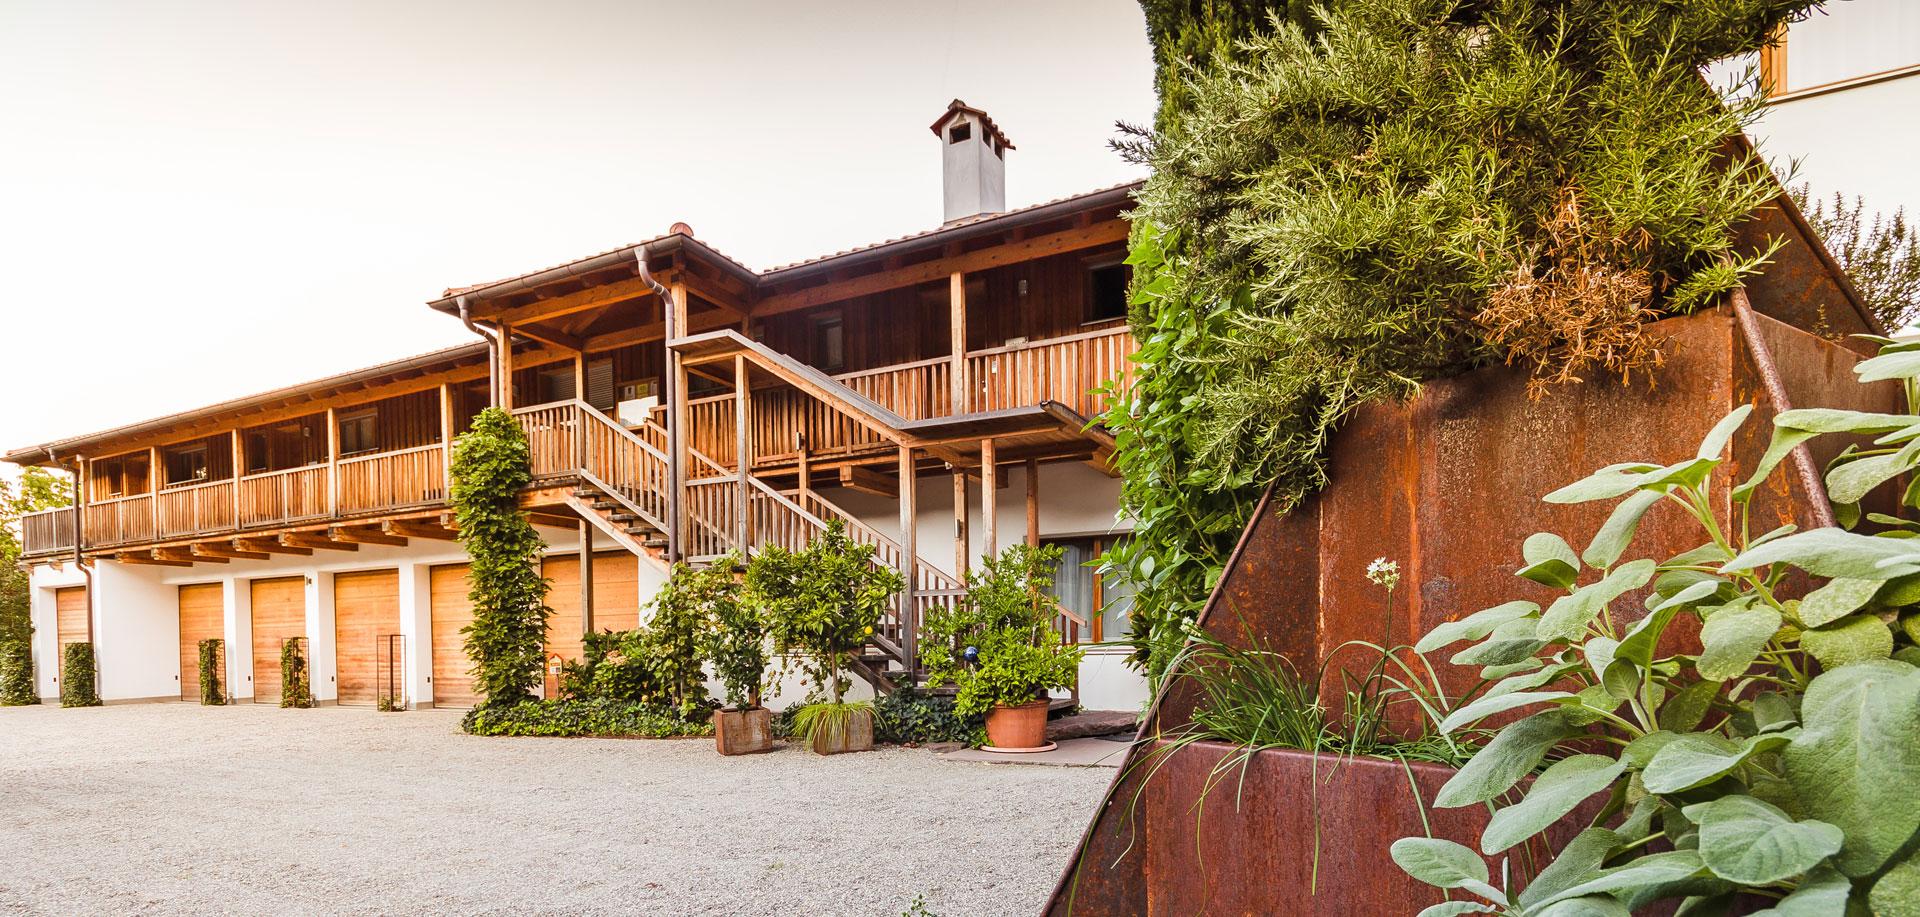 Comune Di Lana Bz st. ulrichhof lana - ferienwohnungen bei der familie von